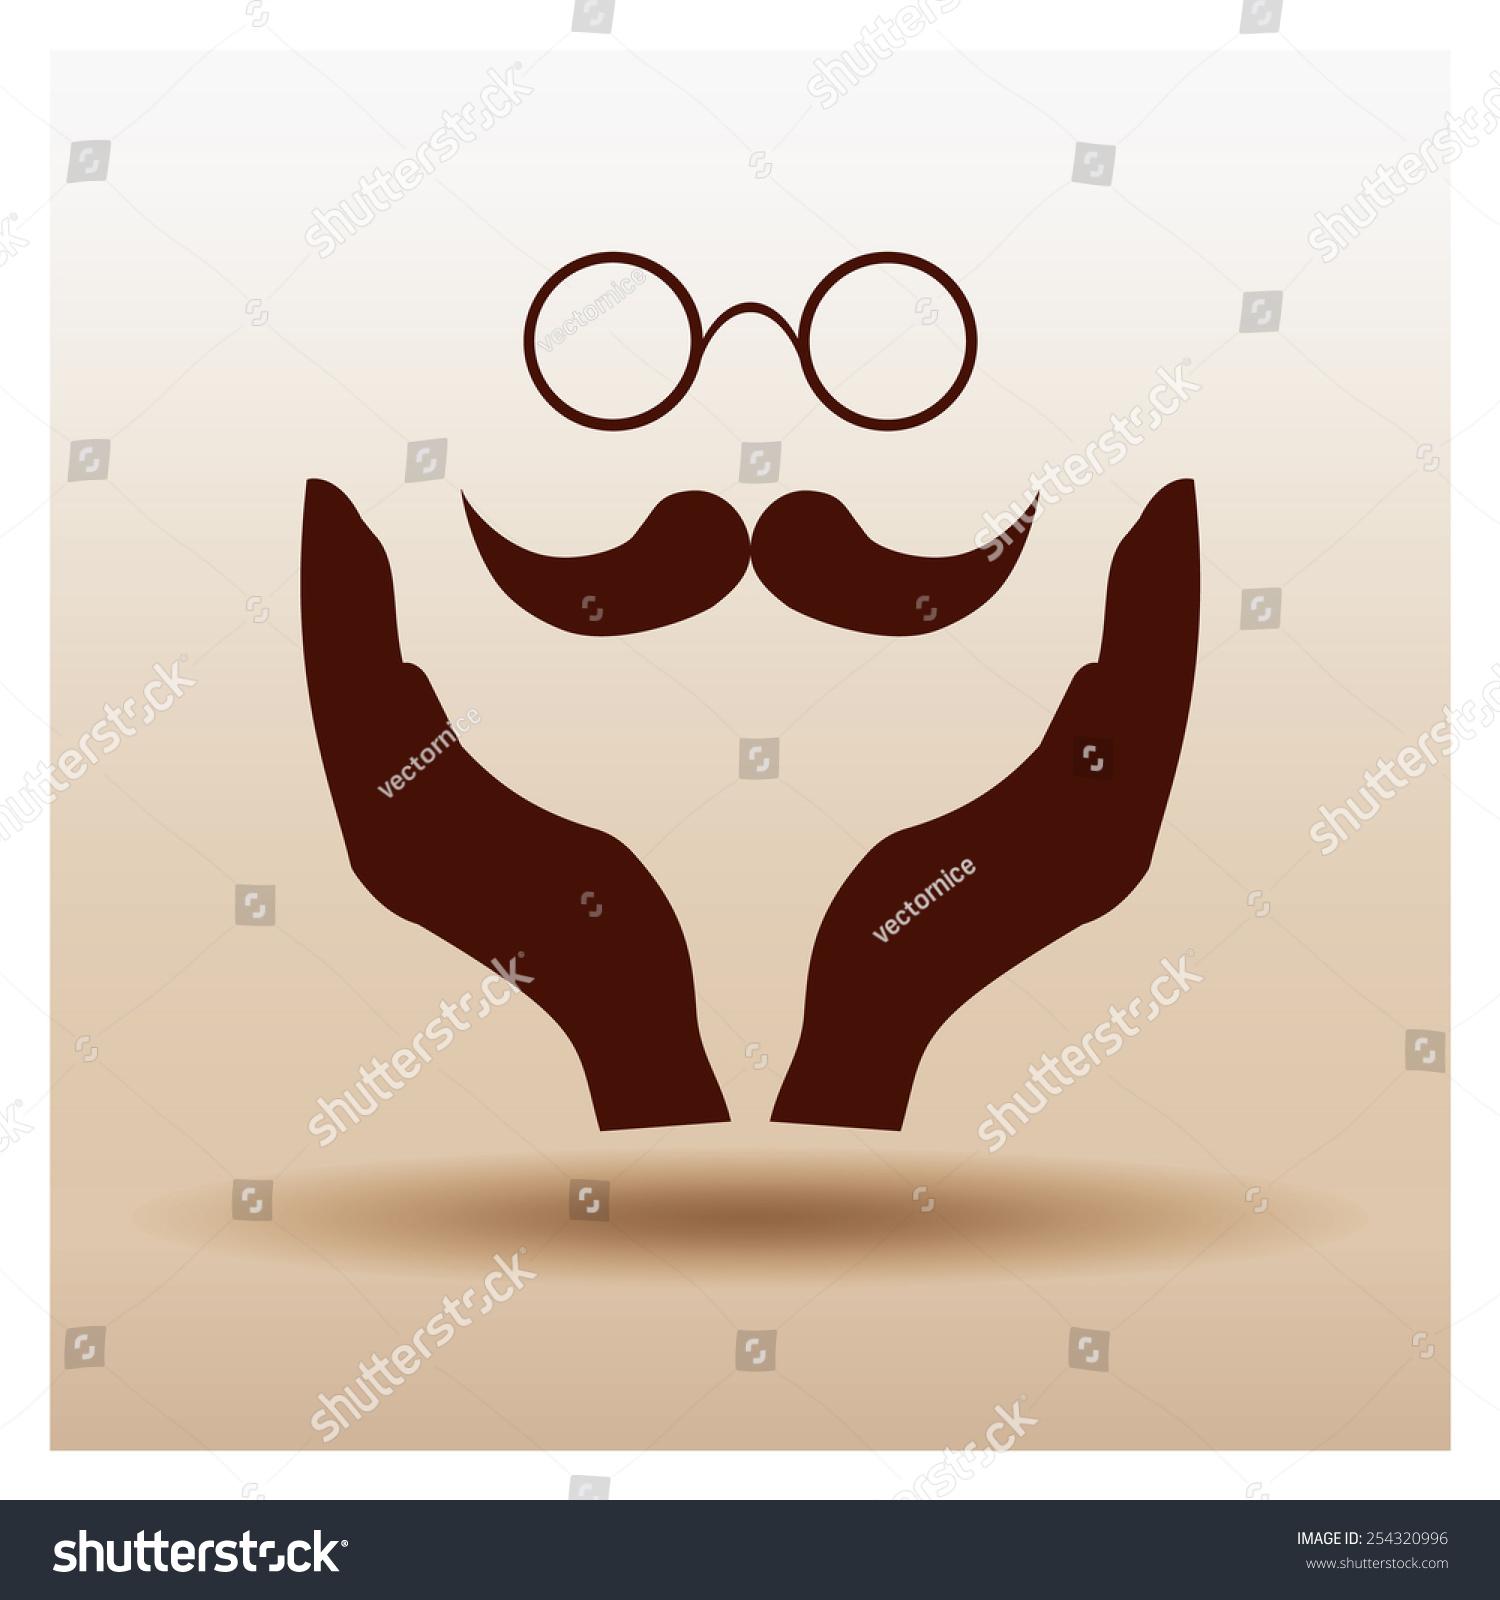 胡子和眼镜图标,矢量图